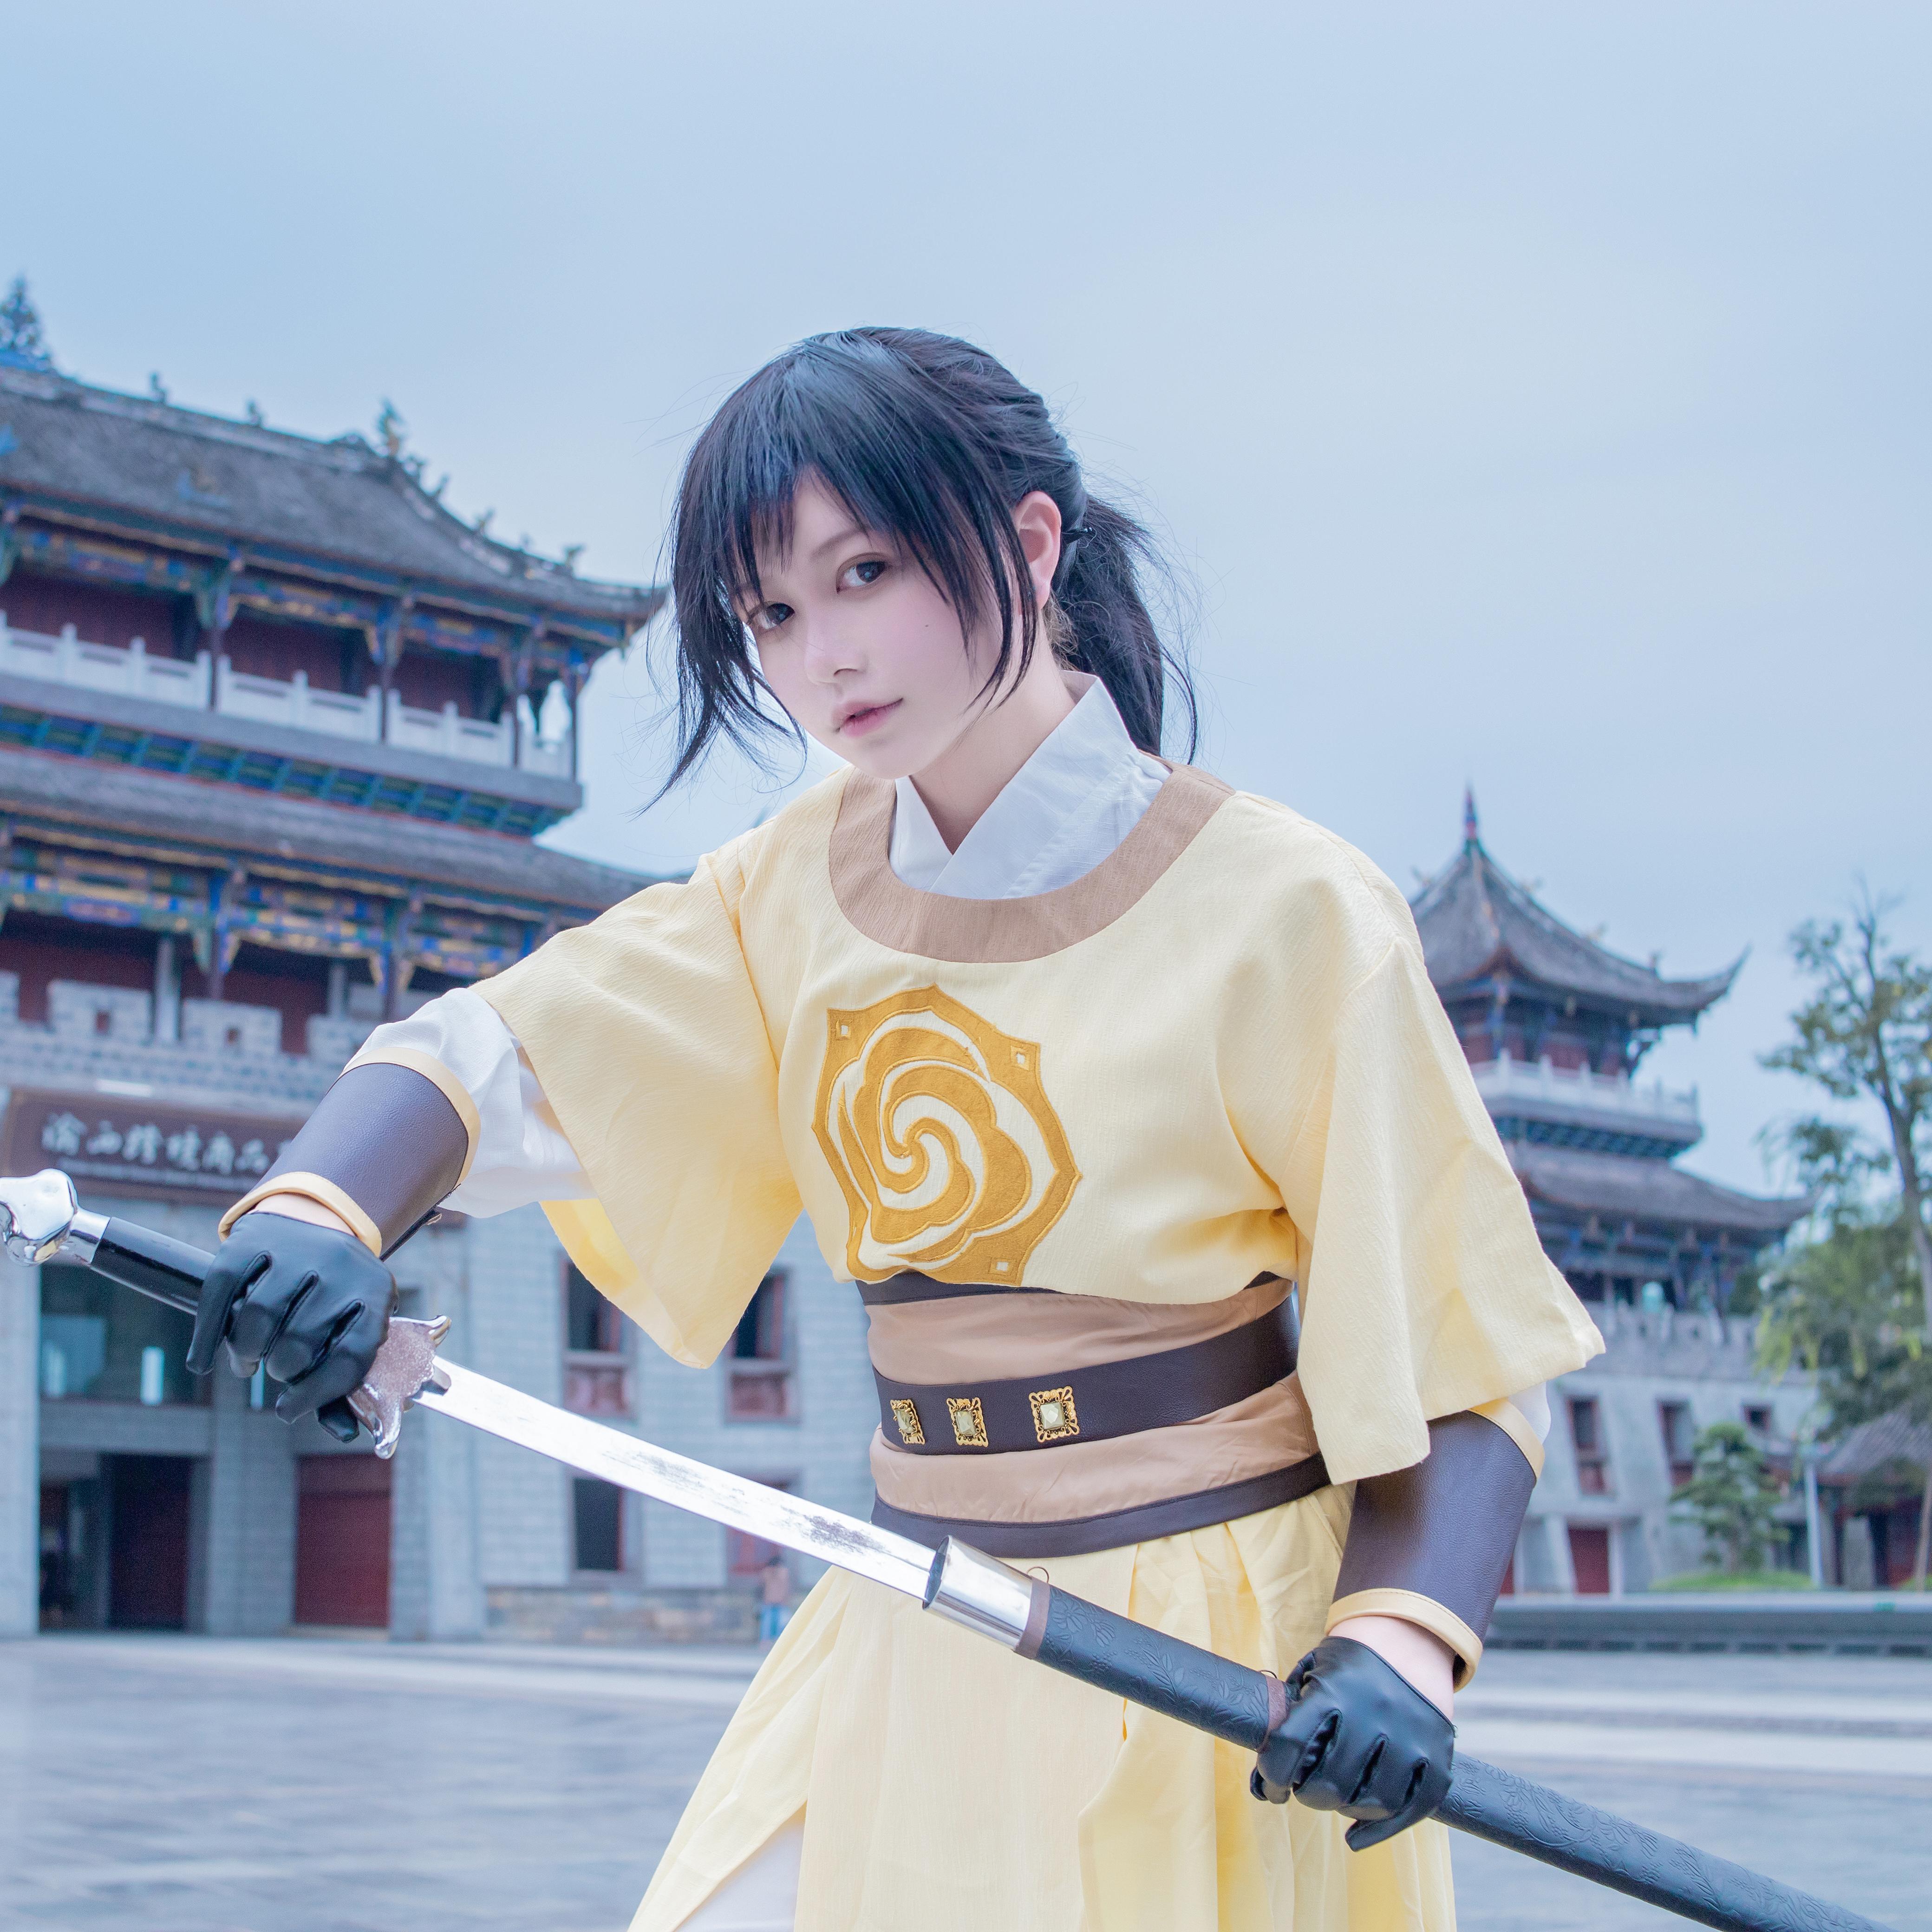 《魔道祖师》薛洋cosplay【CN:百里云溪】-第8张